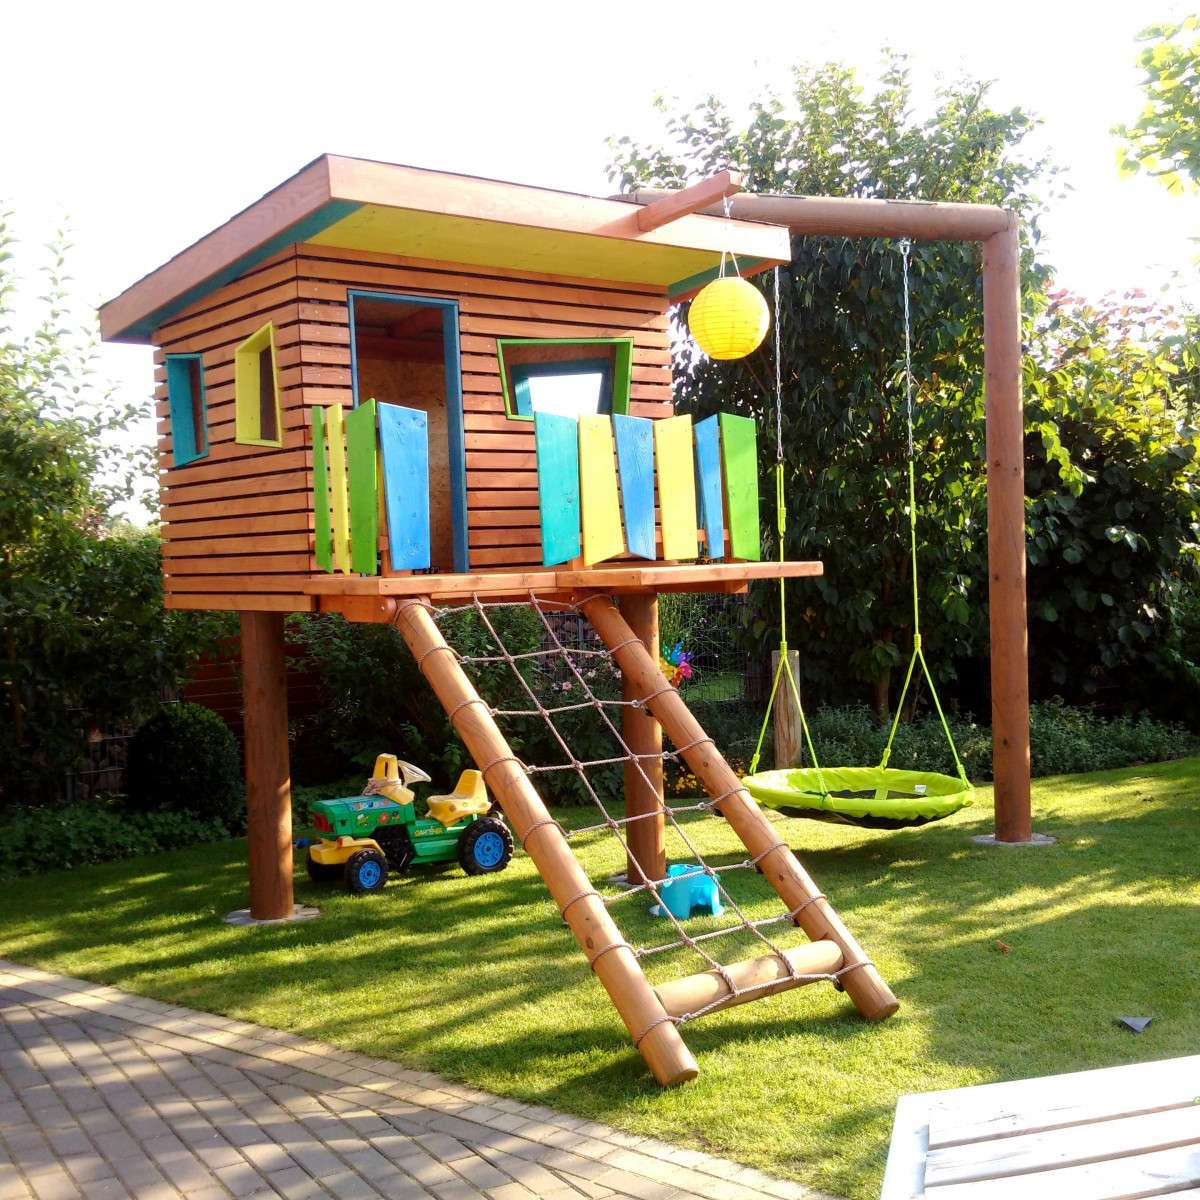 Stelzenhaus Garten herrlicher Look mit Klettergerüst